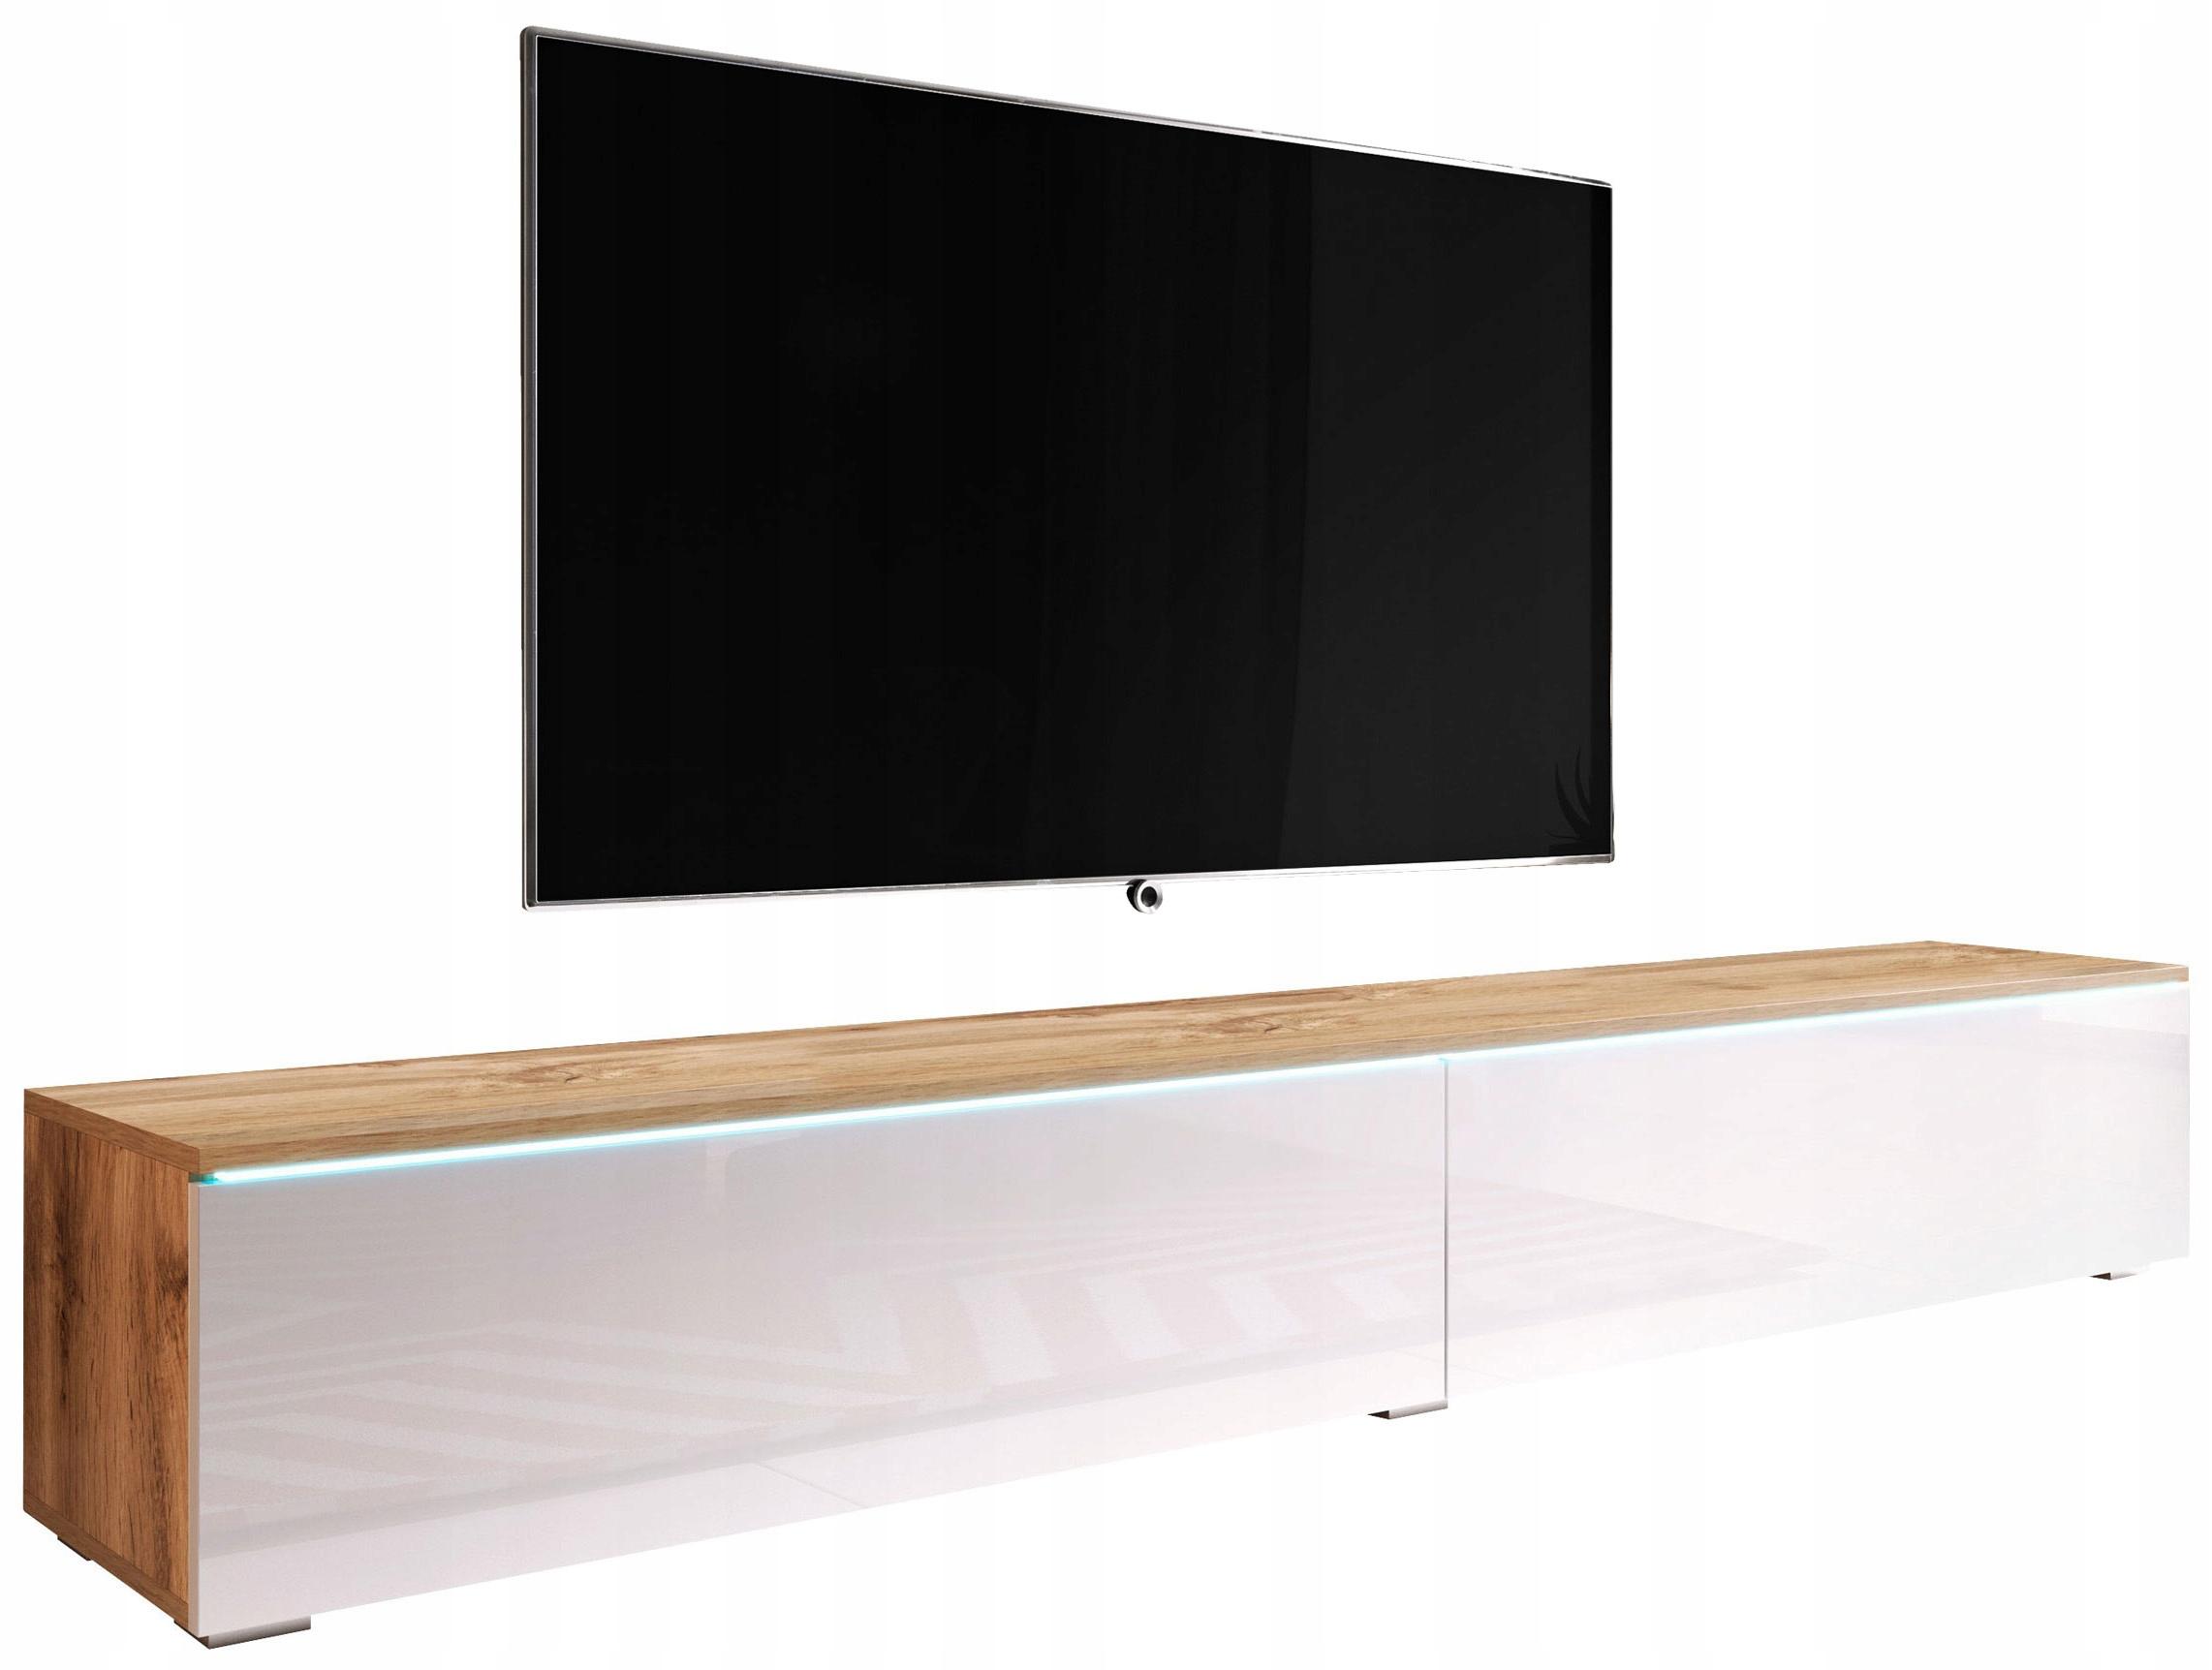 Nowoczesna szafka RTV 180cm wisząca lub stojąca